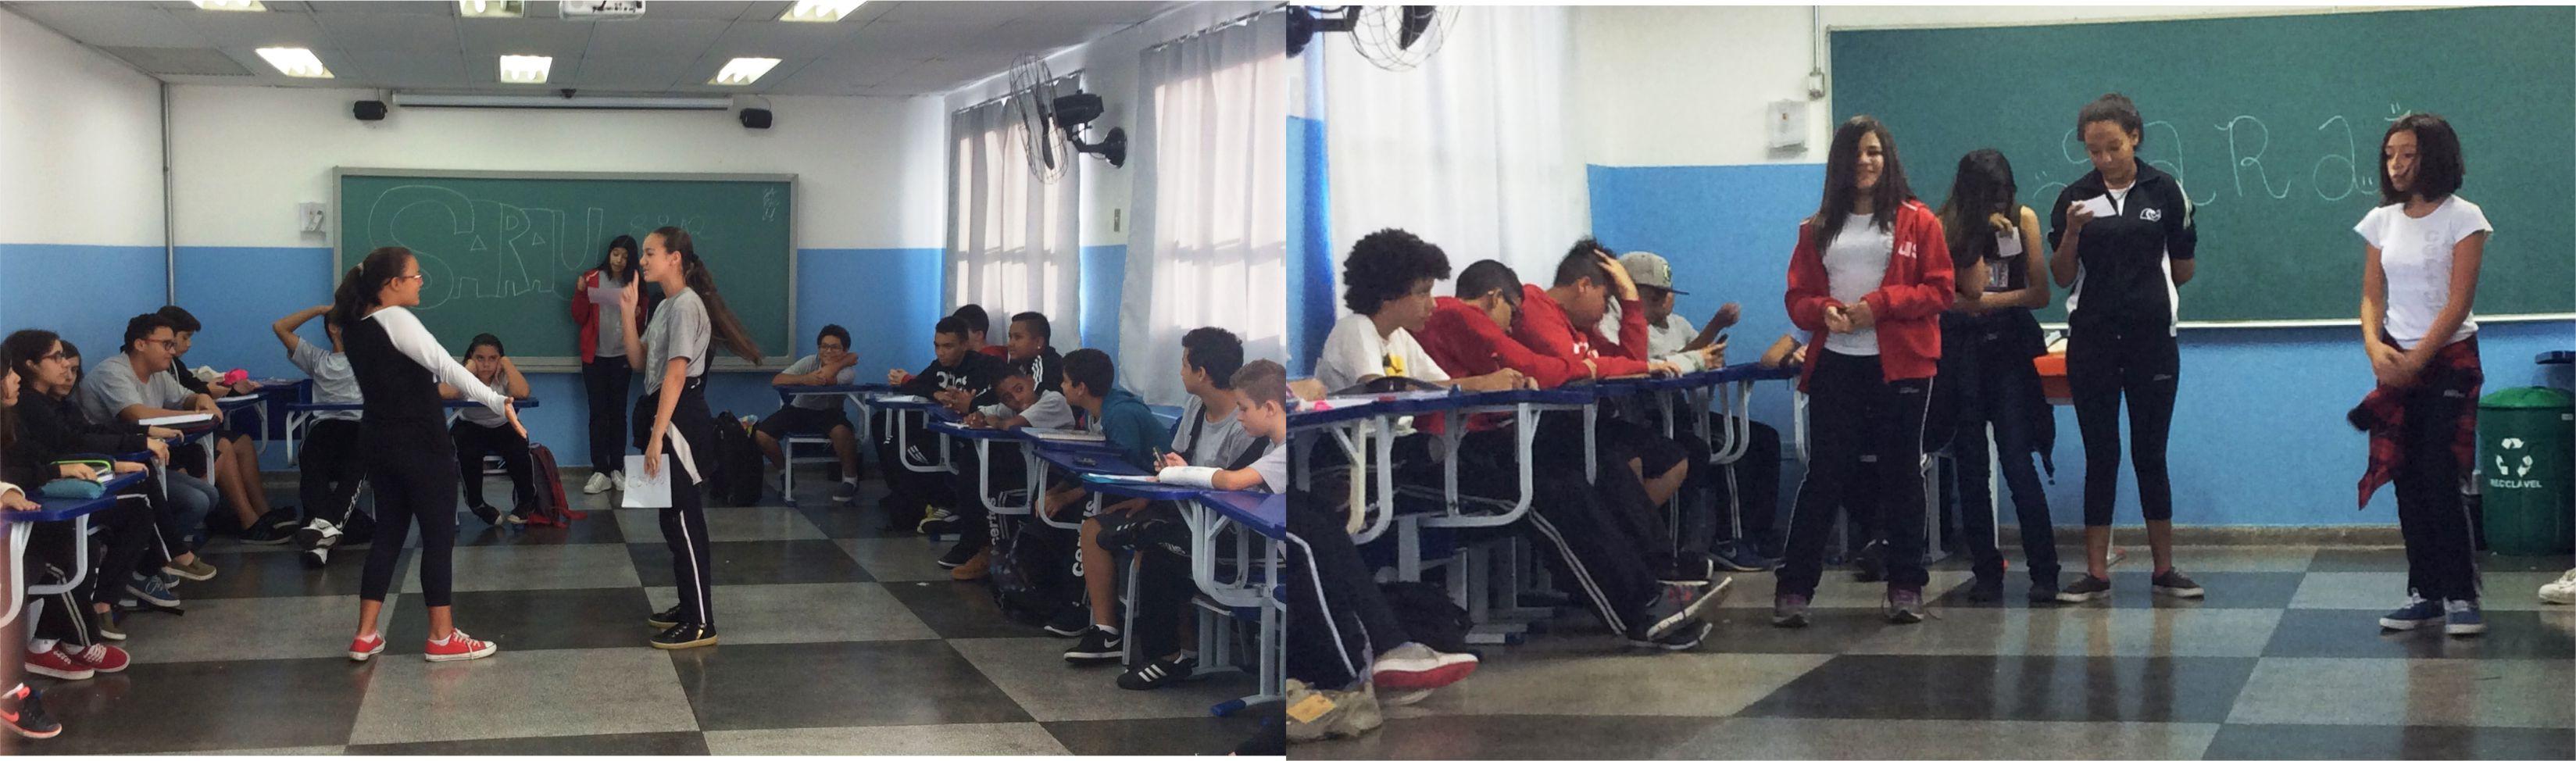 Alunos apresentam rimas em sala de aula